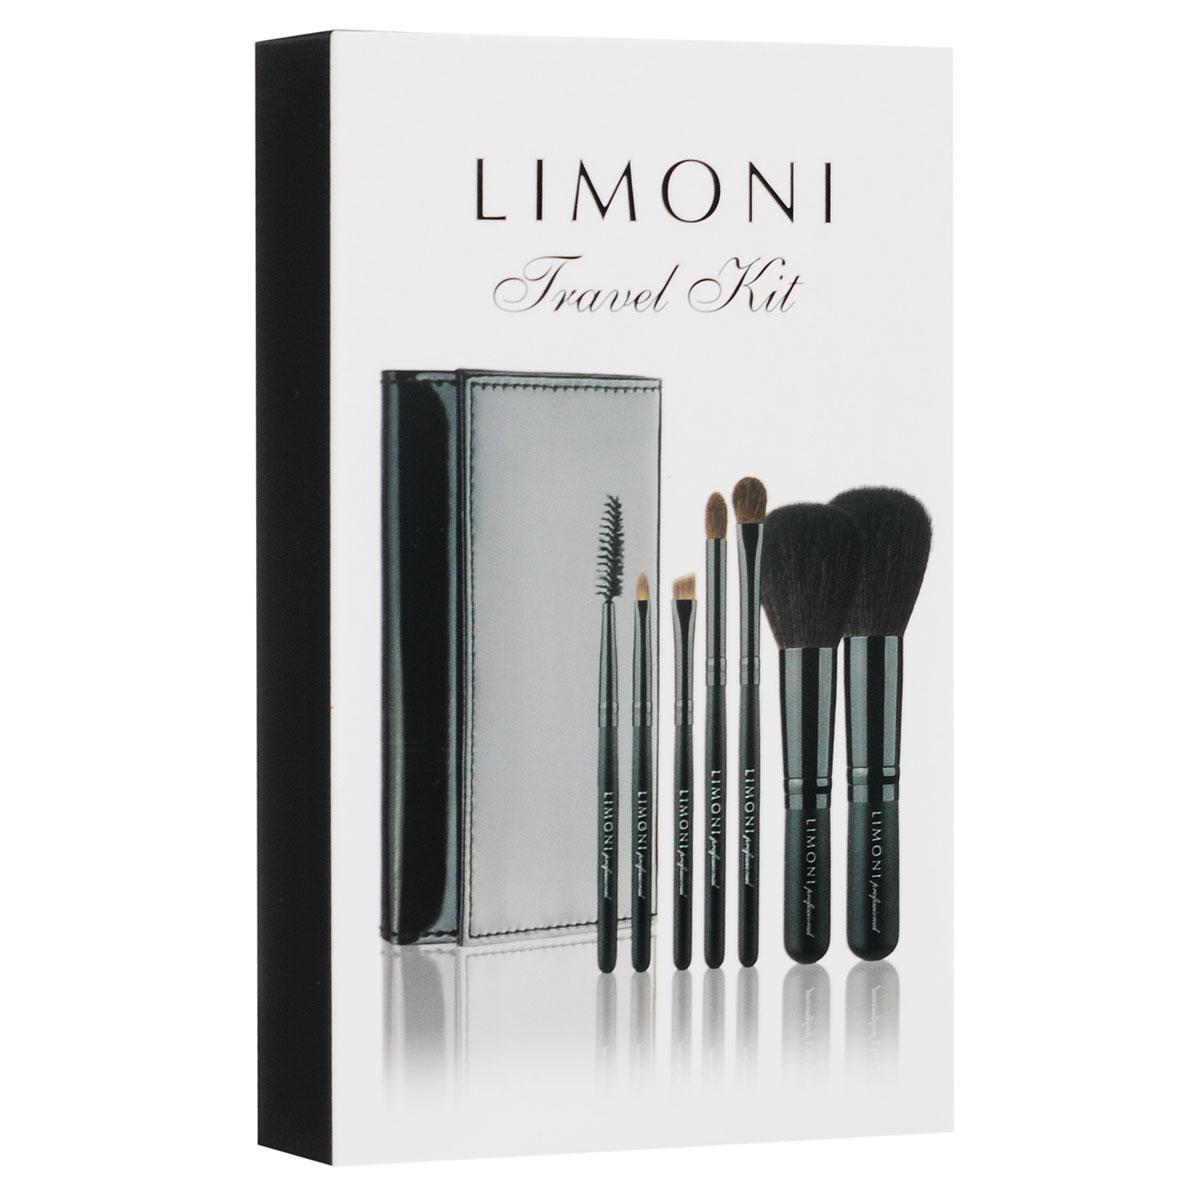 Набор кистей Limoni Travel Kit, дорожный, 7 предметов